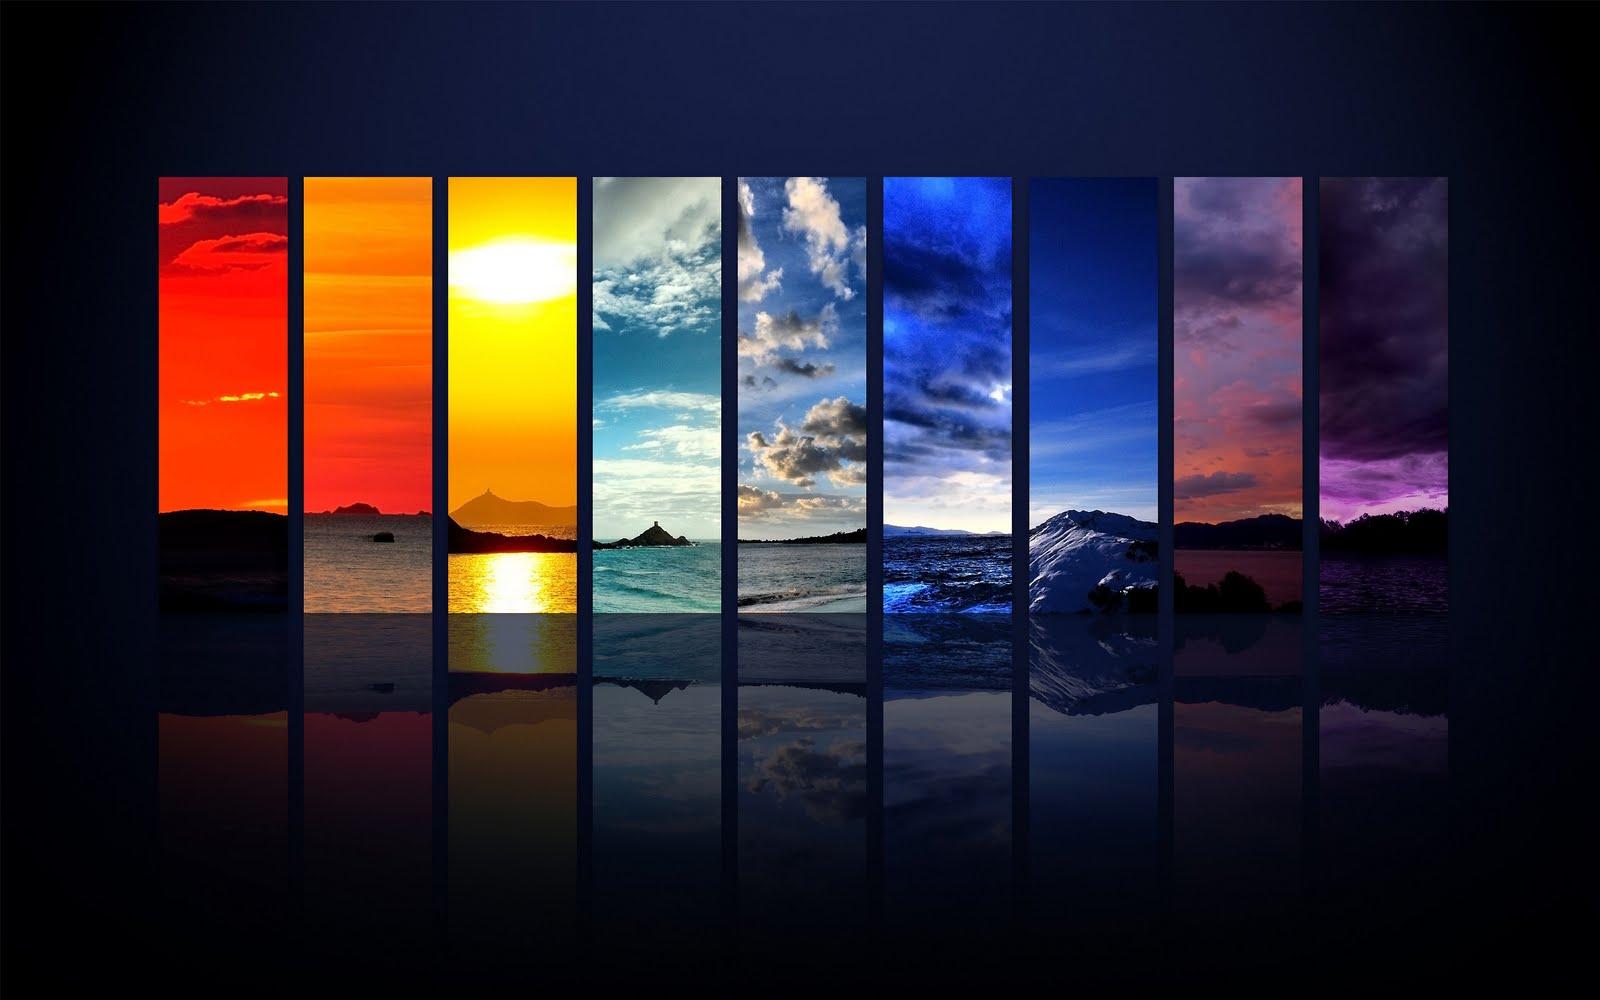 http://2.bp.blogspot.com/-waHFiqgeW8Y/UO34--imCLI/AAAAAAAAHow/HljghNW-ifo/s1600/wallpaper+cielo+de+color.jpg